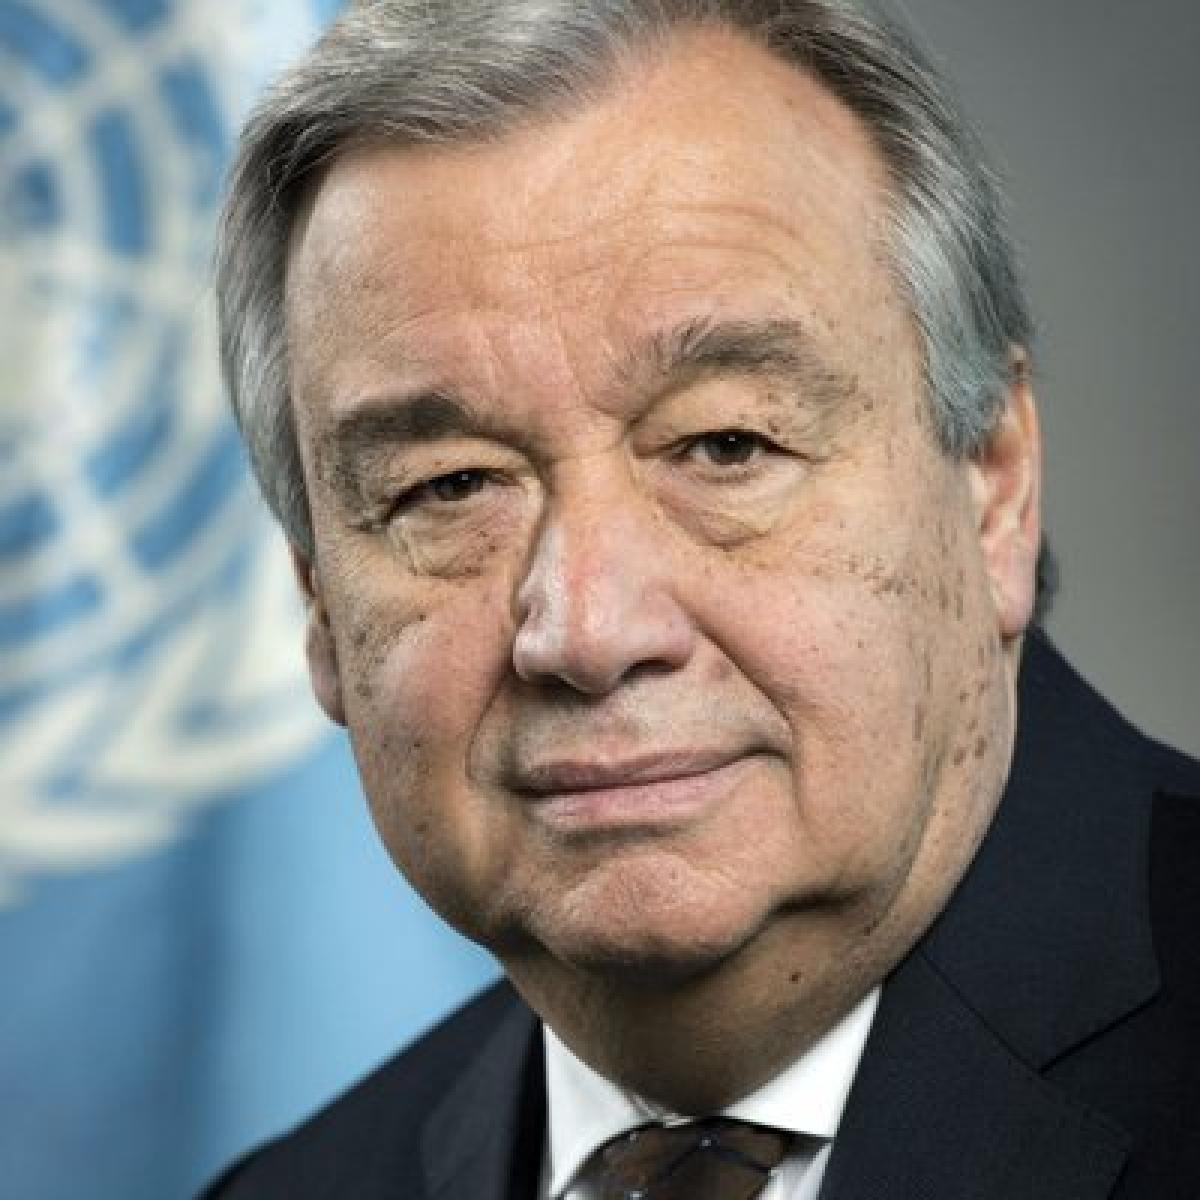 Antonio Guterres calls for calming tension; Islamabad envoy meets UN leaders